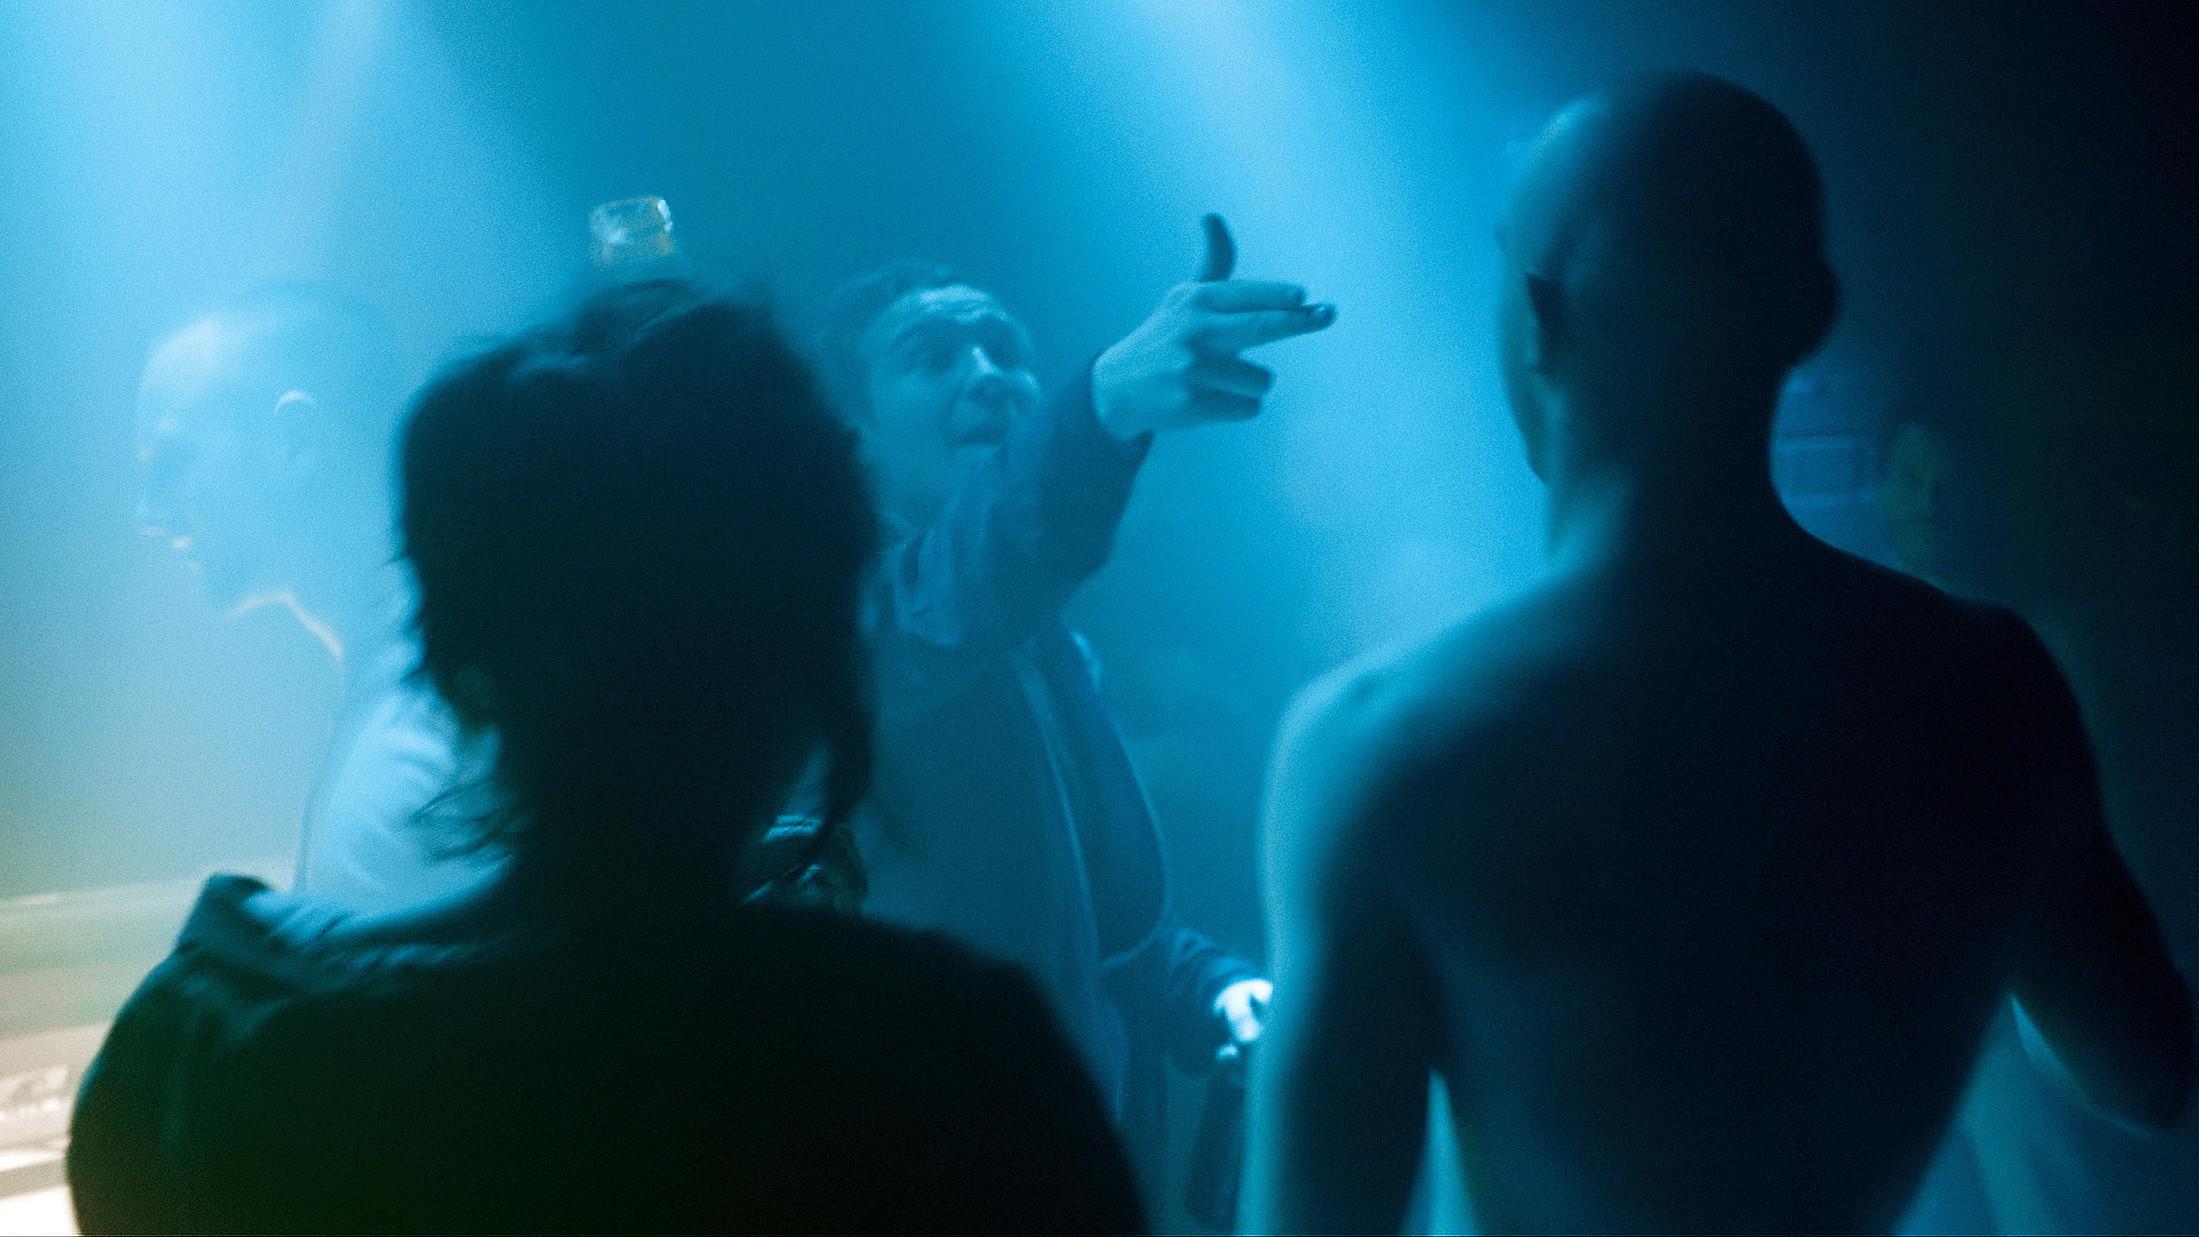 Victoria, il vorticoso film di Sebastian Schipper: la recensione in anteprima